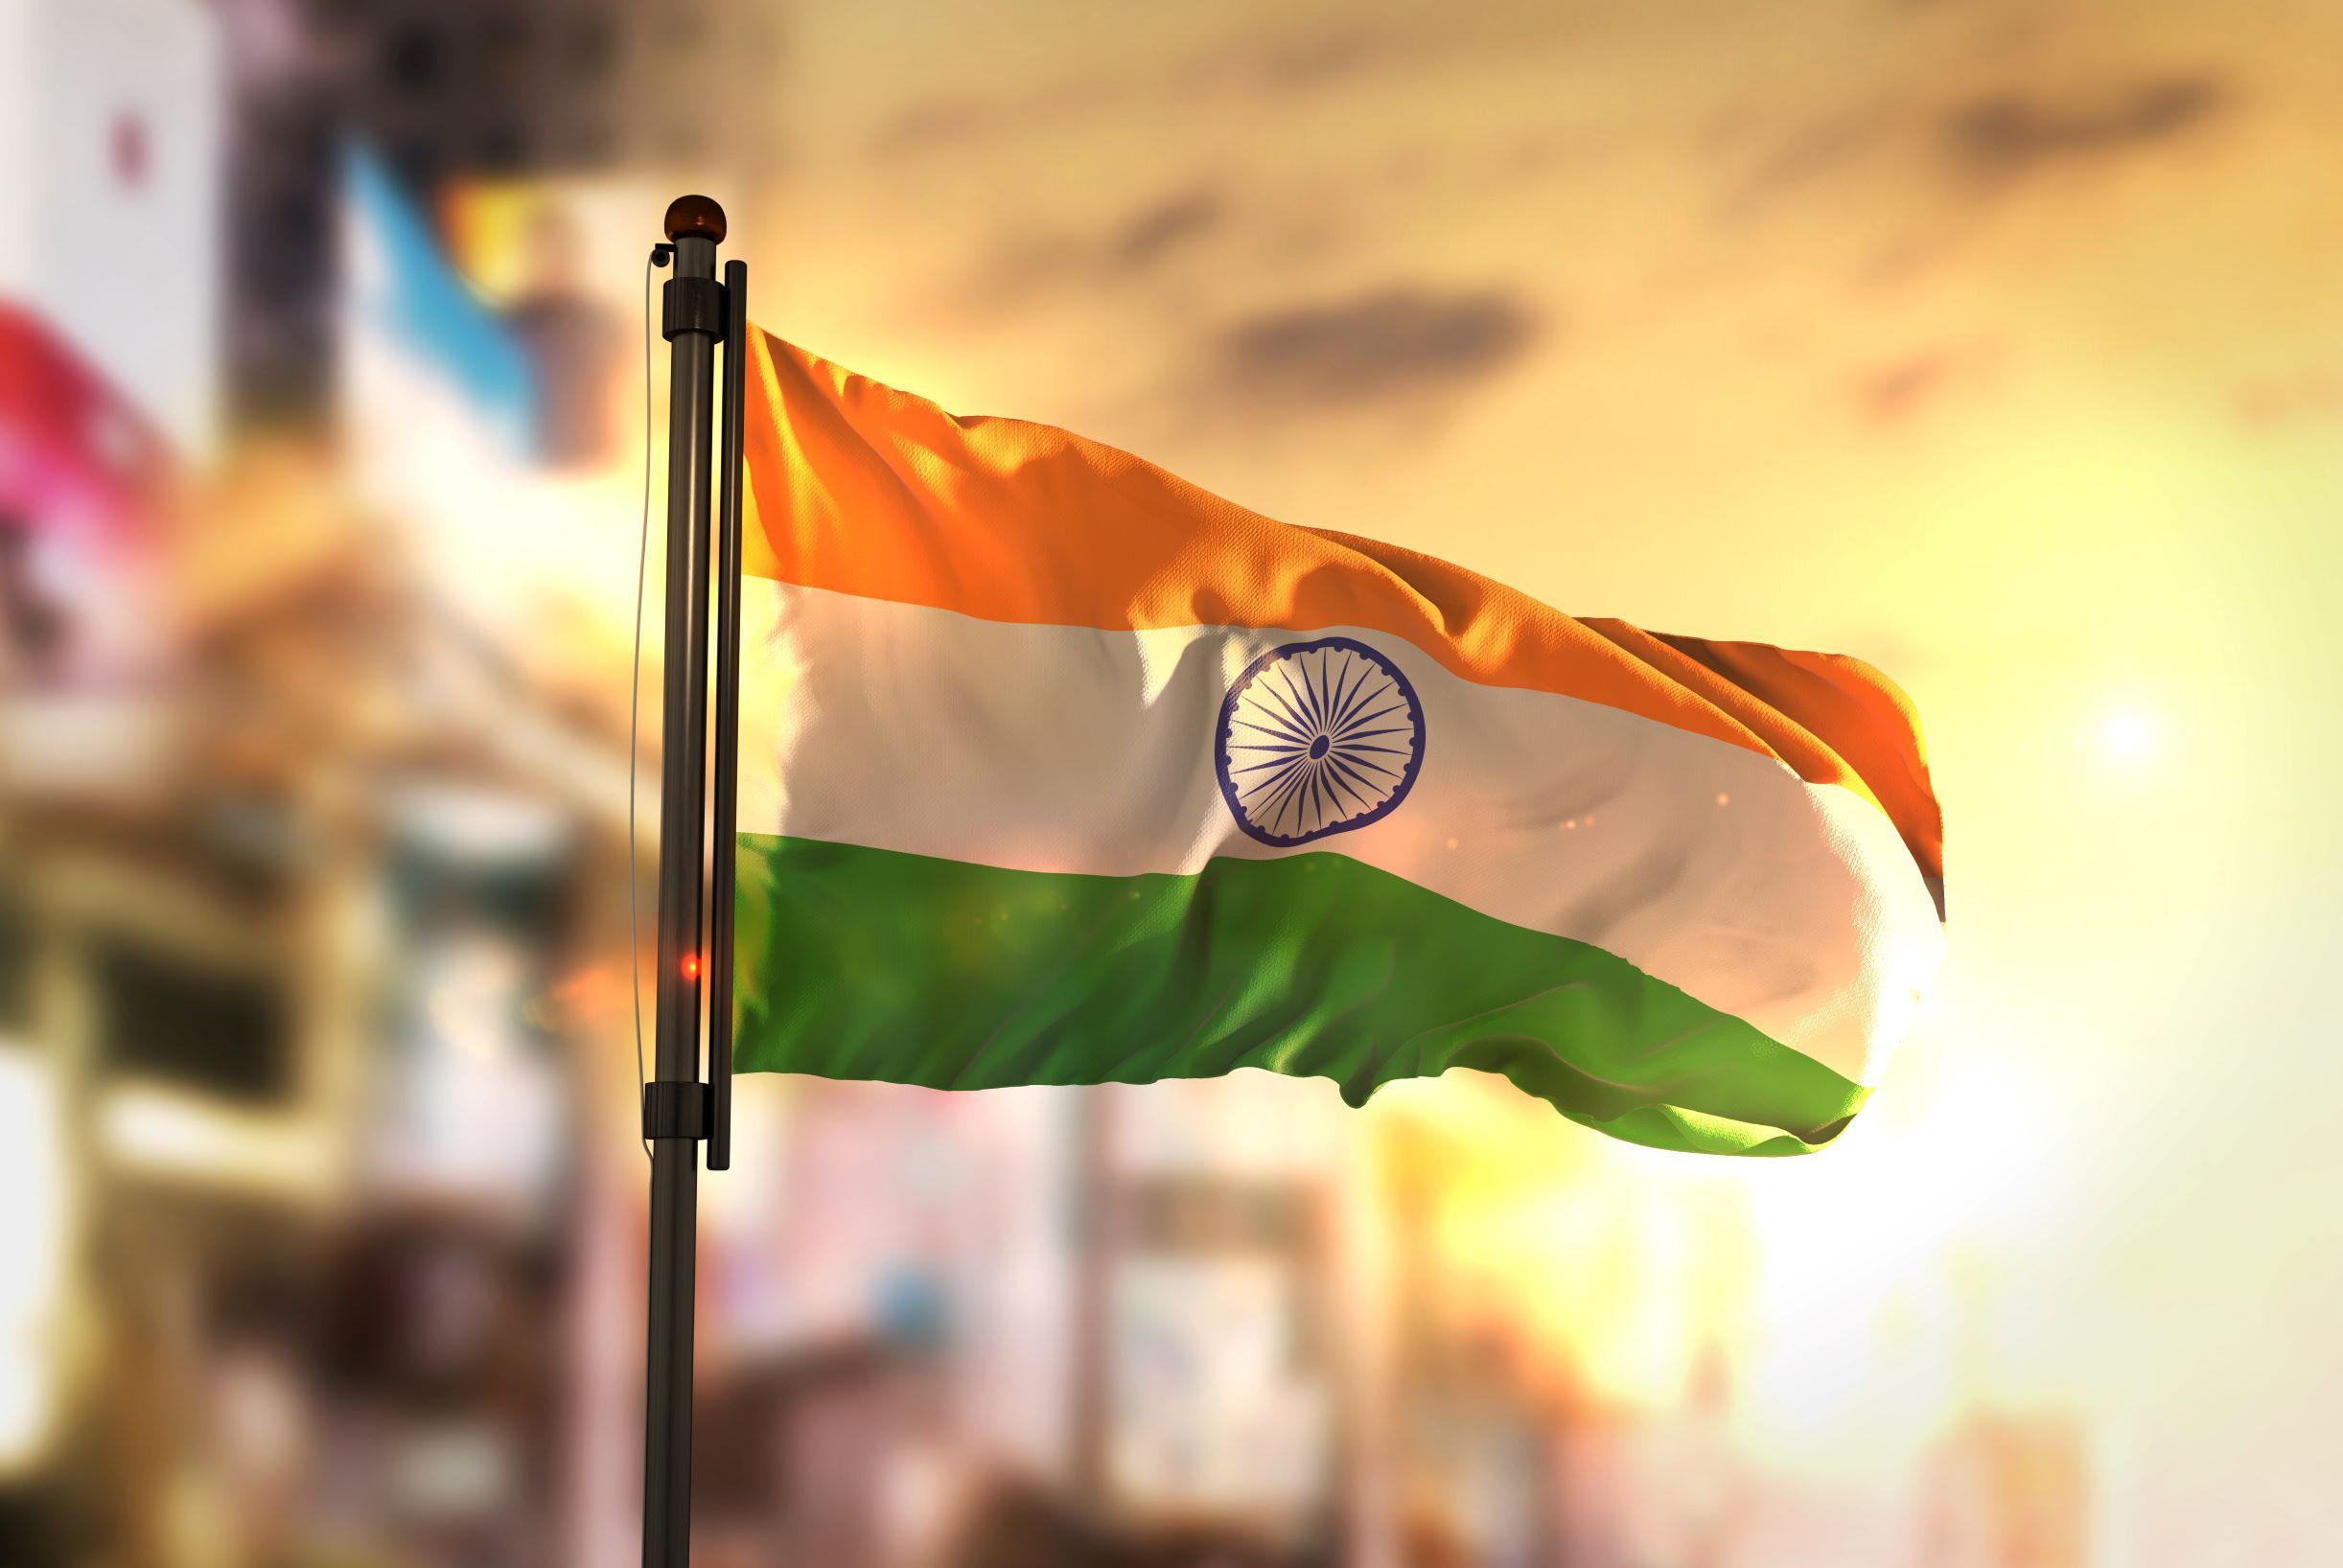 Gestación subrogada en India: ¿es legal el proceso de gestación subrogada en India?